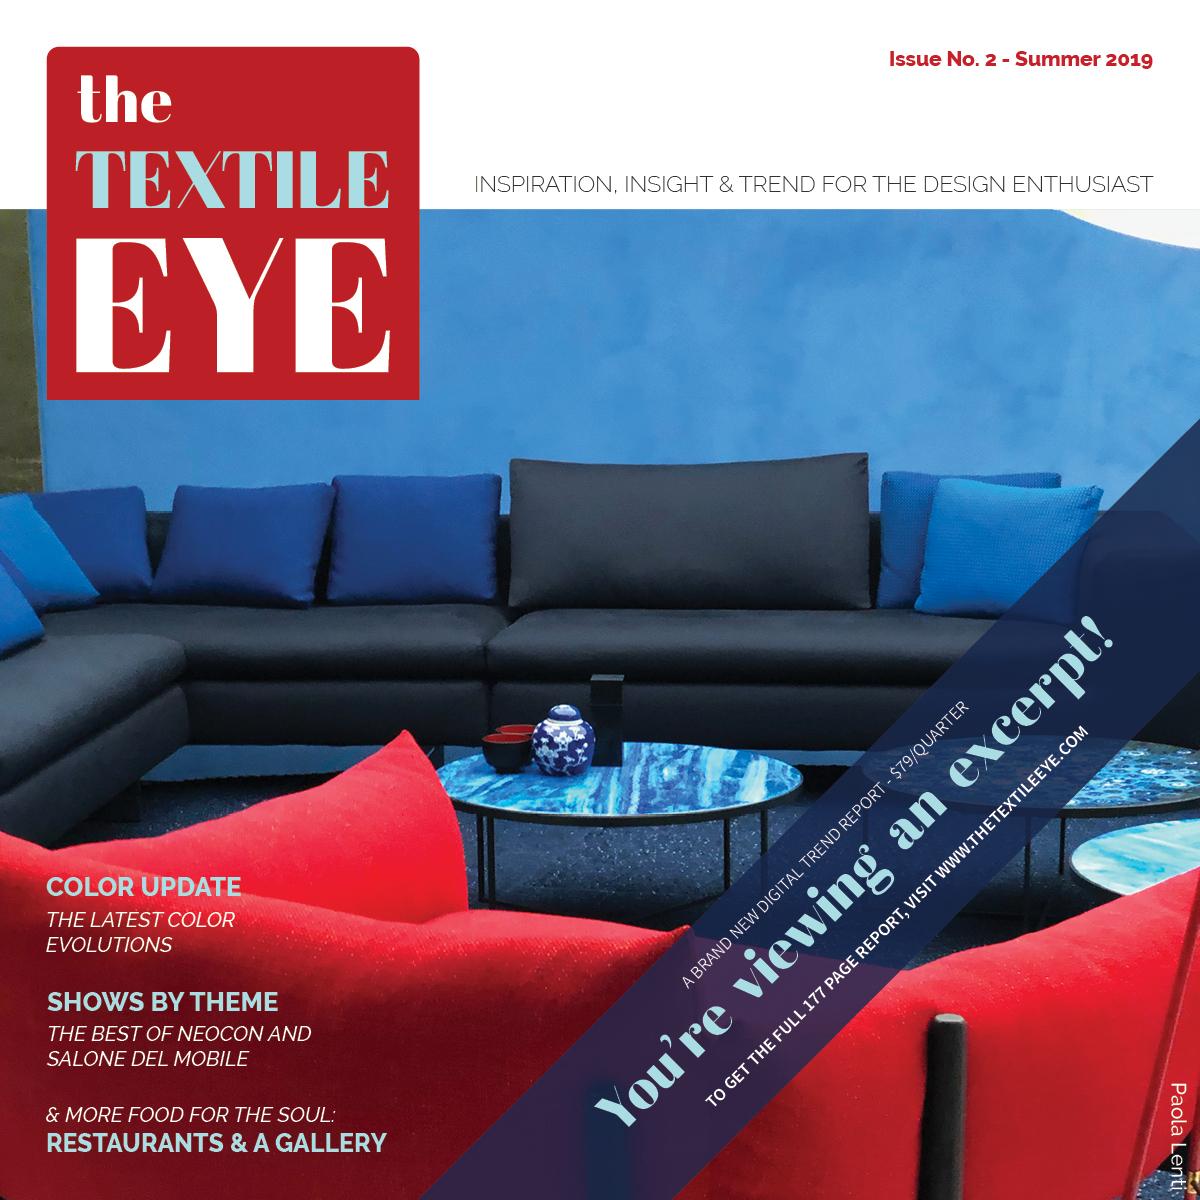 The Textile Eye Issue 2 Summer 19 Excerpt LR.jpg